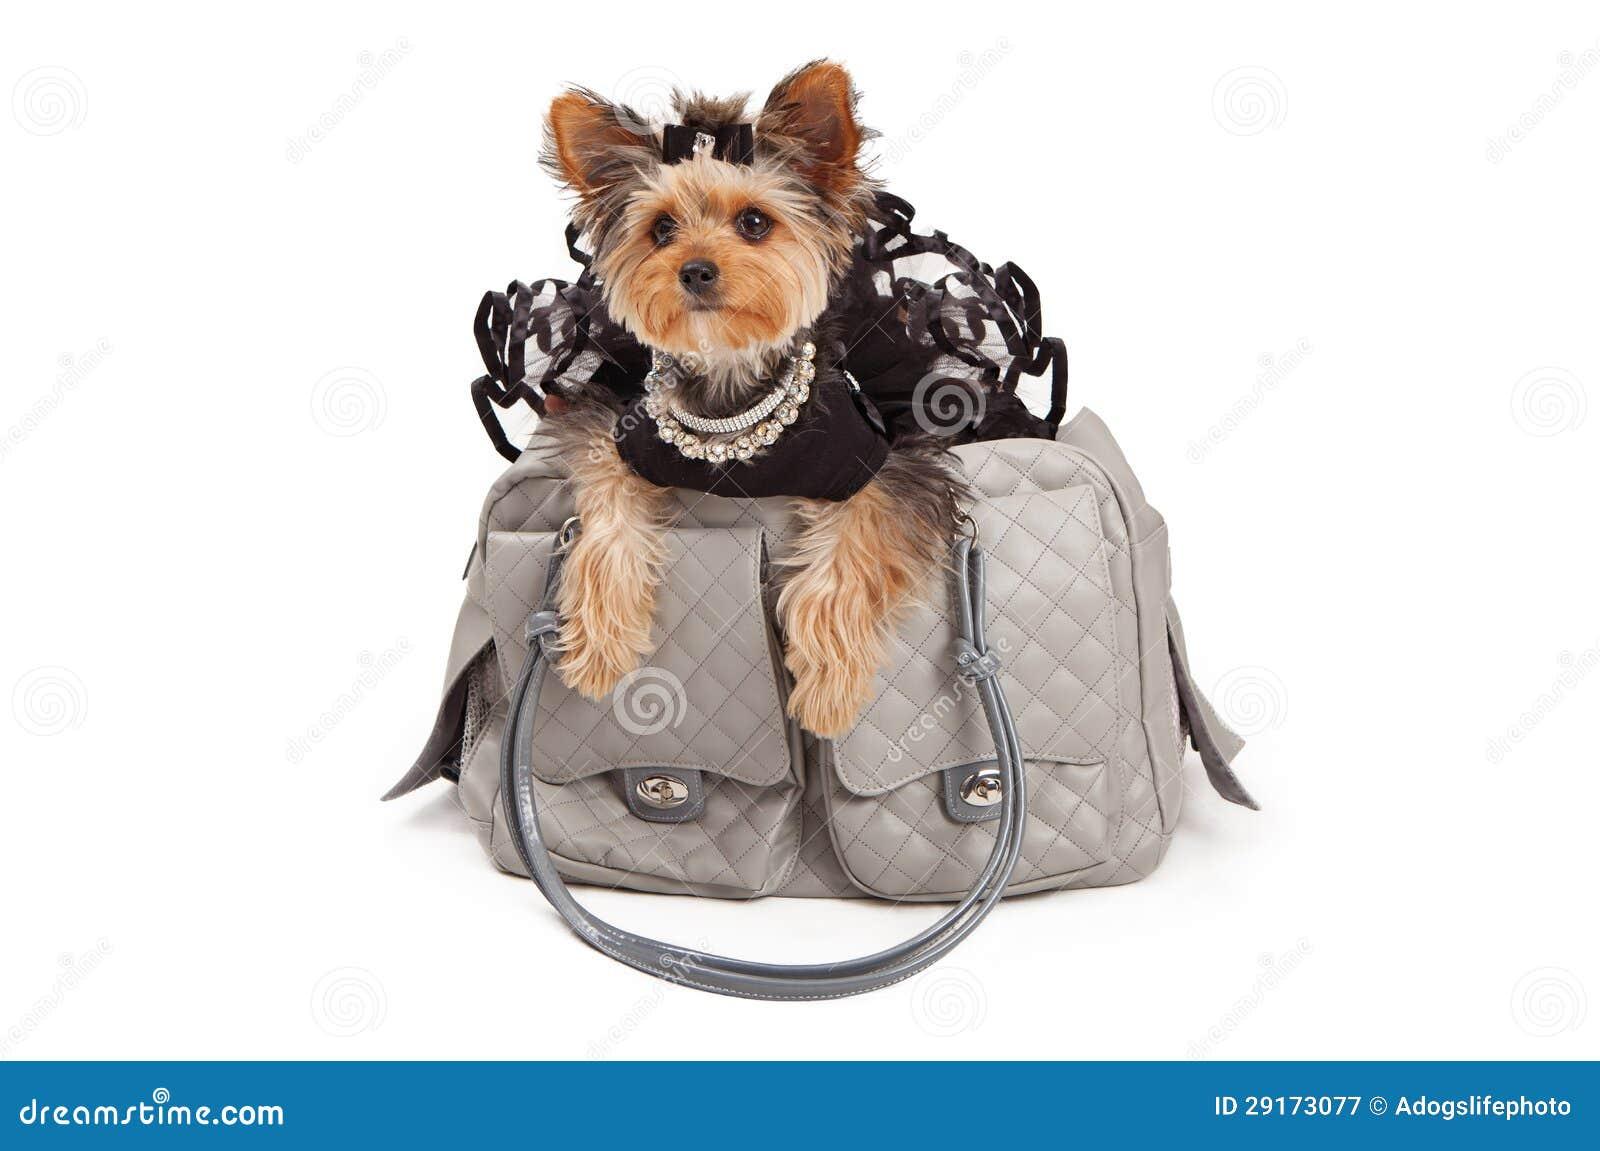 Pampered Dog In Designer Travel Bag Royalty Free Stock